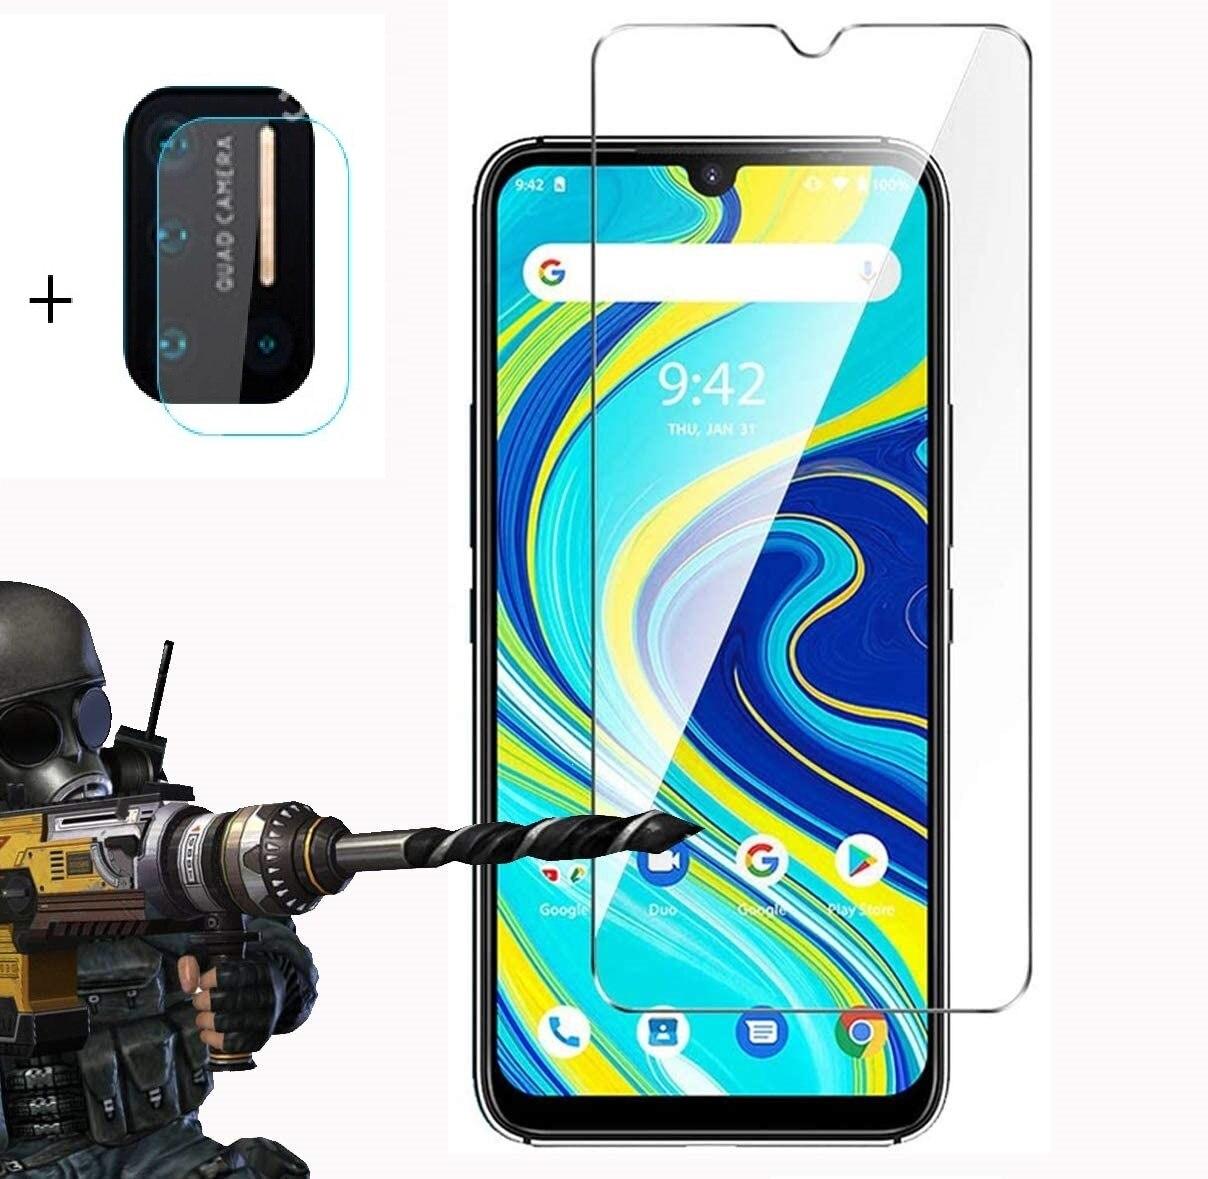 Protective Glass for Umidigi Power 3 Soft Tempered Glass Camera Lens Screen Protector For Umidigi F2